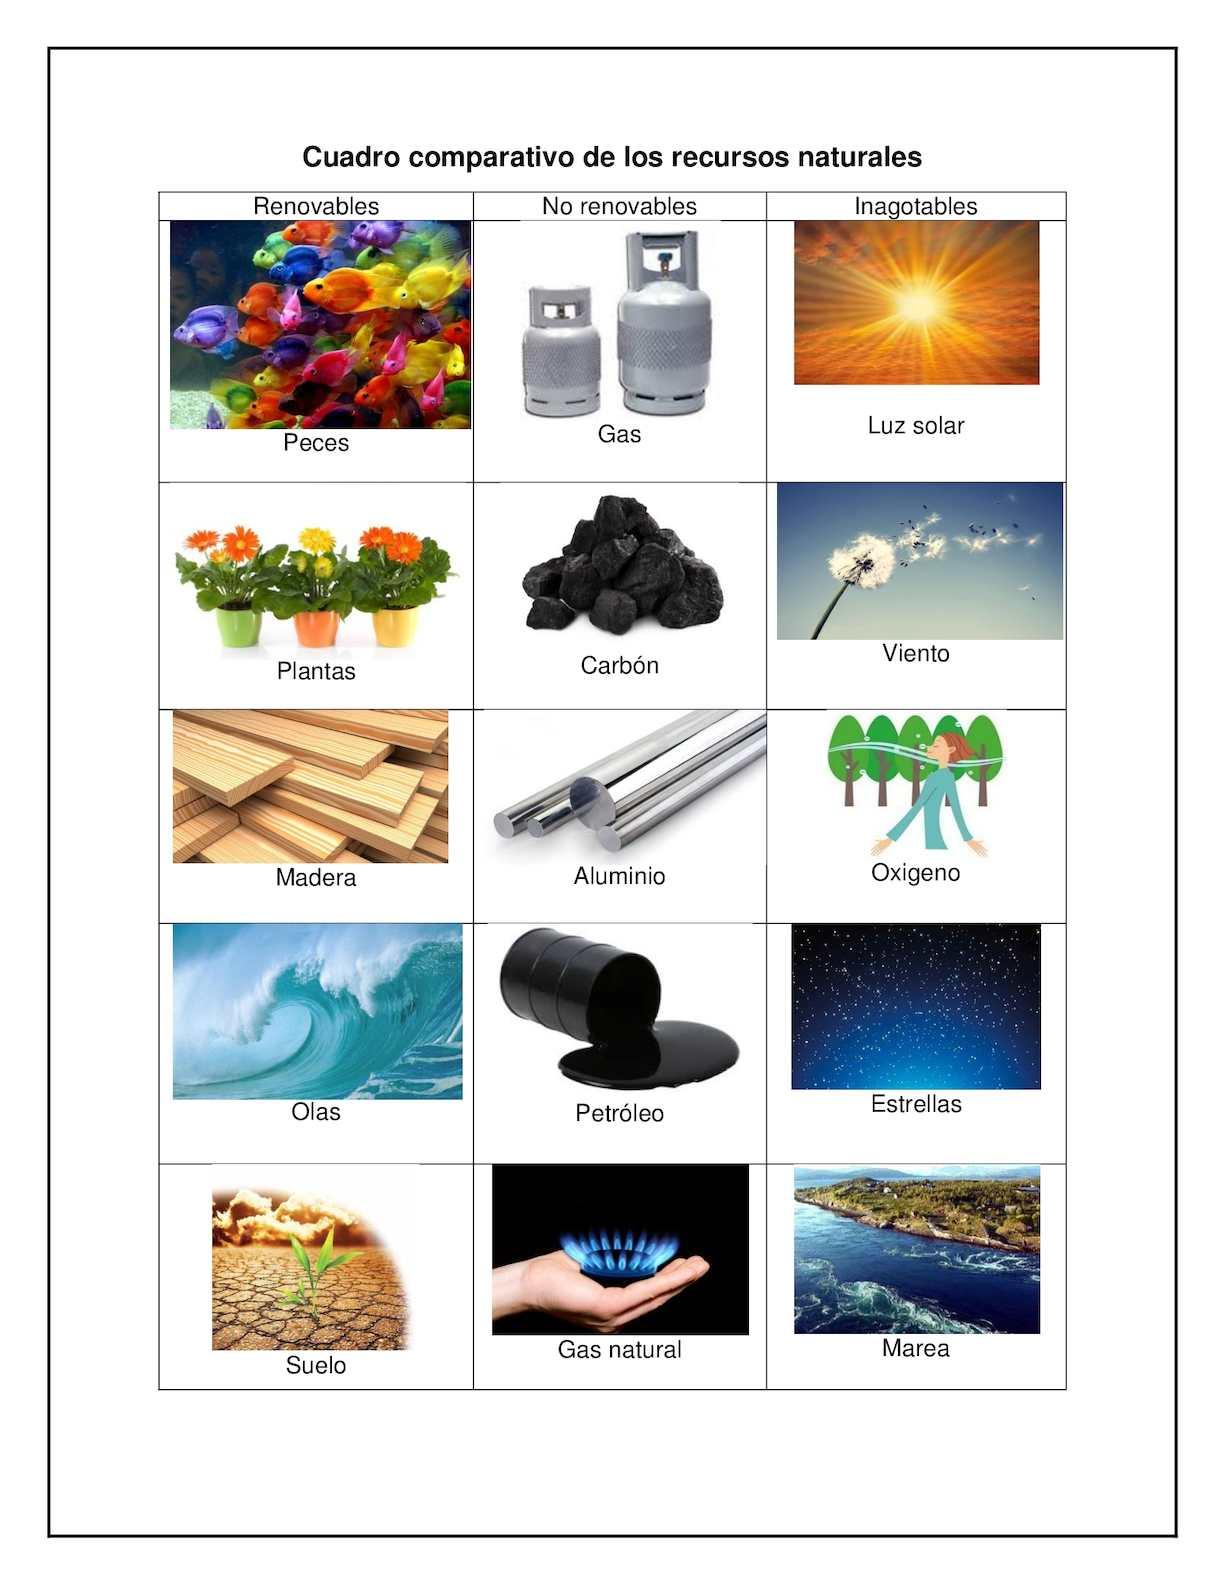 Imagenespara imprimir de recursos naturales renovables for Www hous